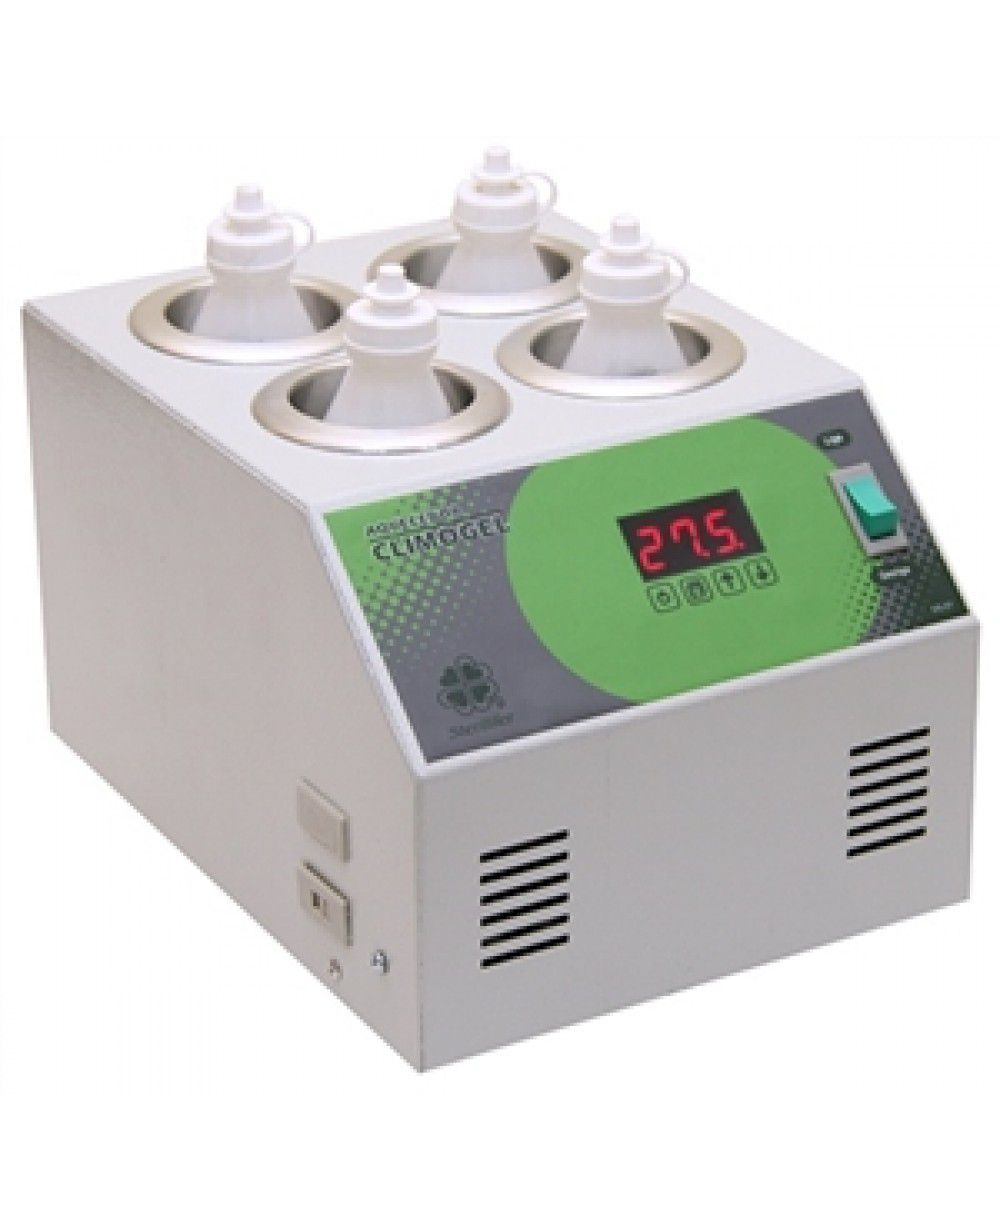 Aquecedor de Gel Digital Microprocessado para Ultrassom (Climogel)